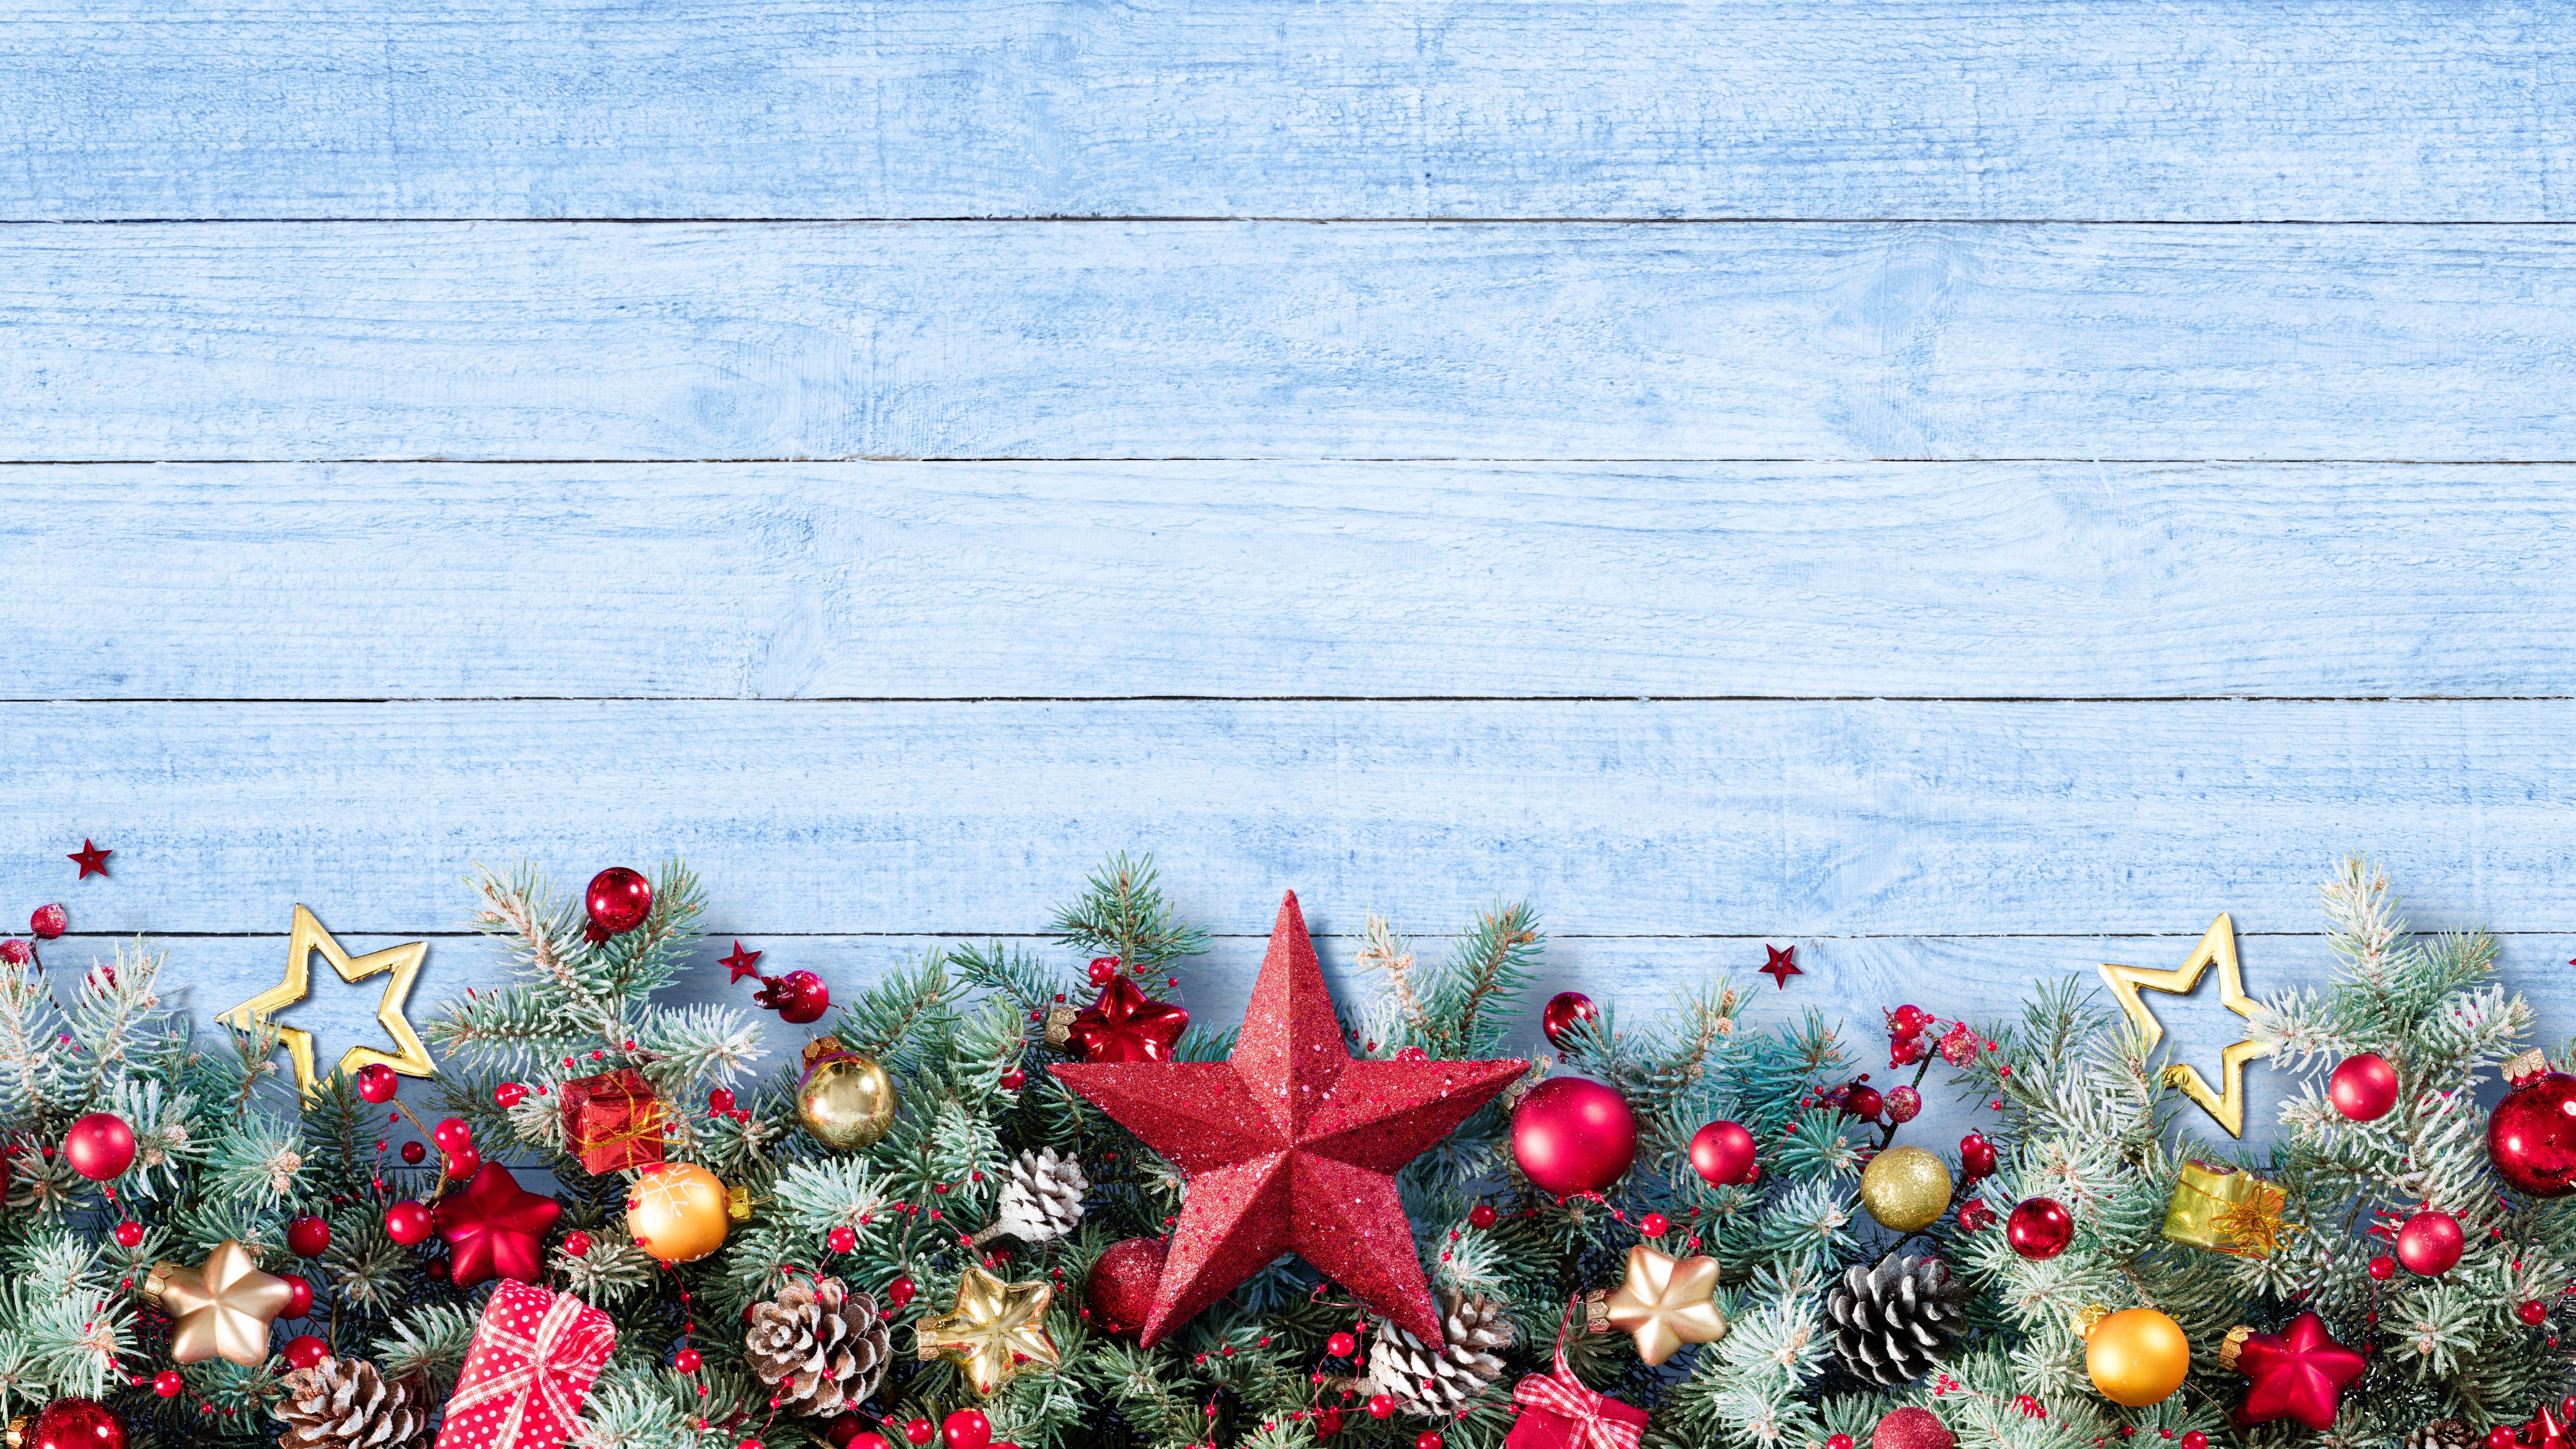 Hintergrundbilder Frohe Weihnachten.Frohe Weihnachten Sterne Balle Dekoration 7680x4320 Uhd